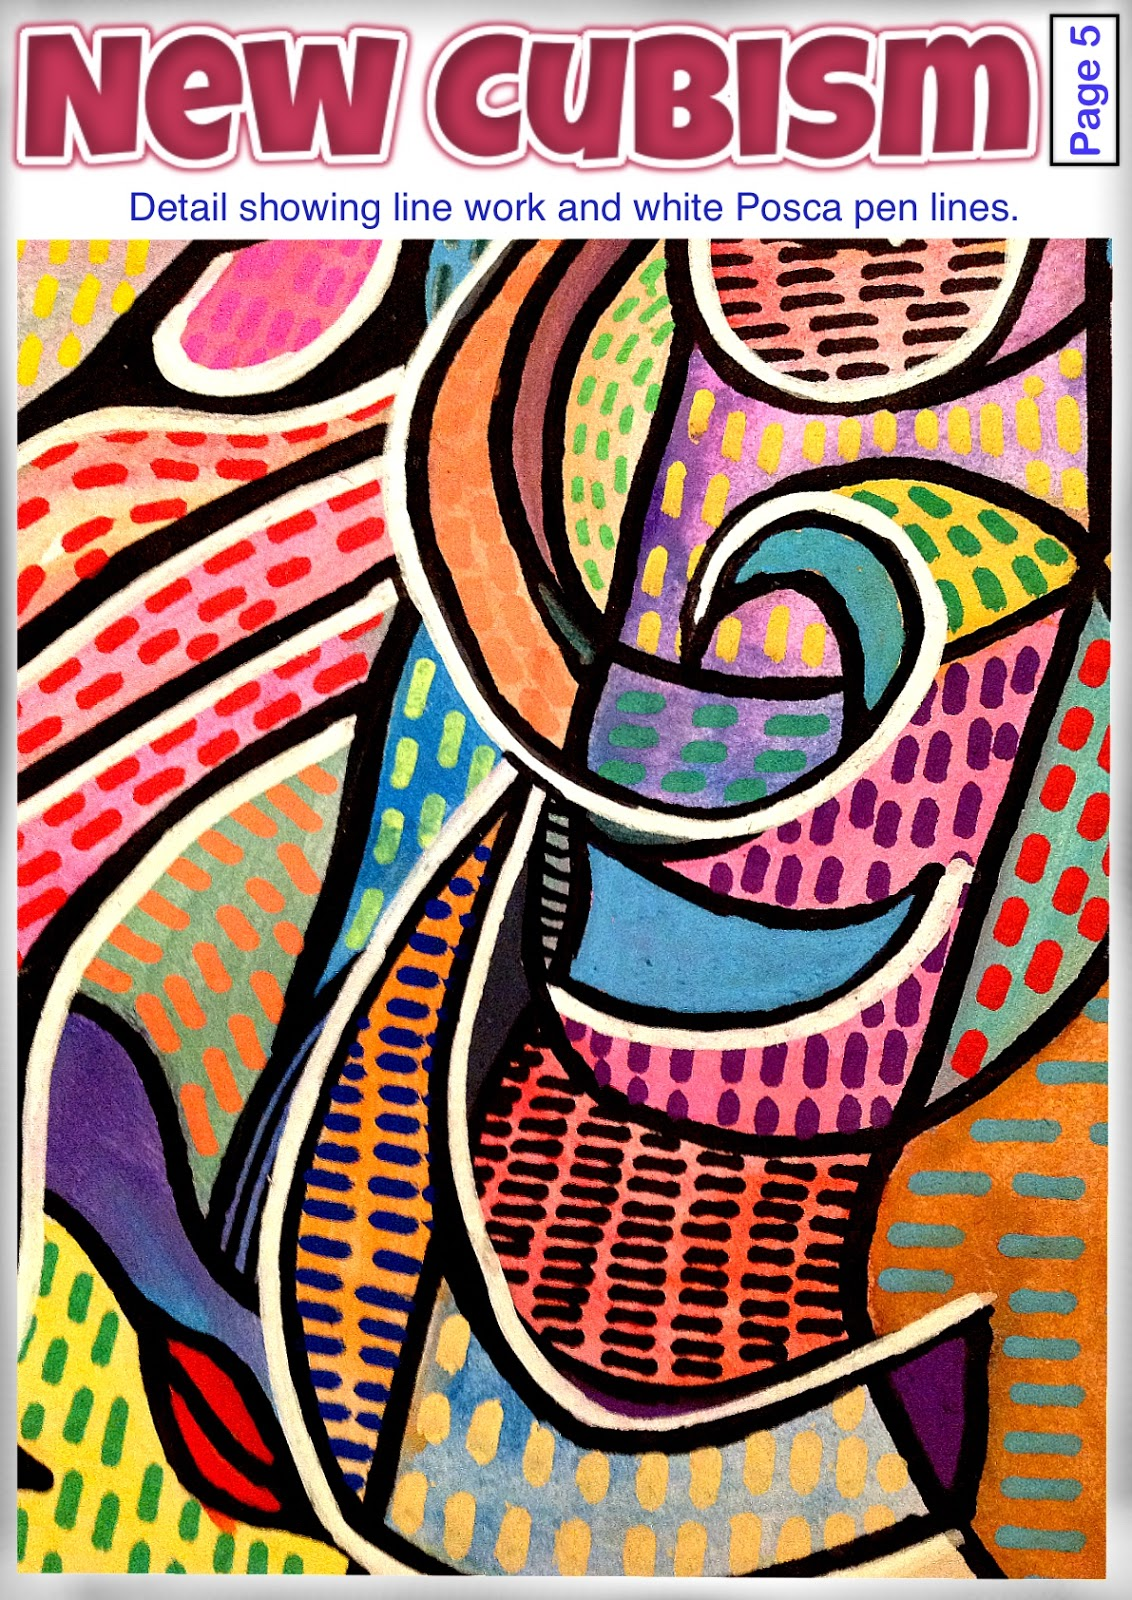 New Cubism